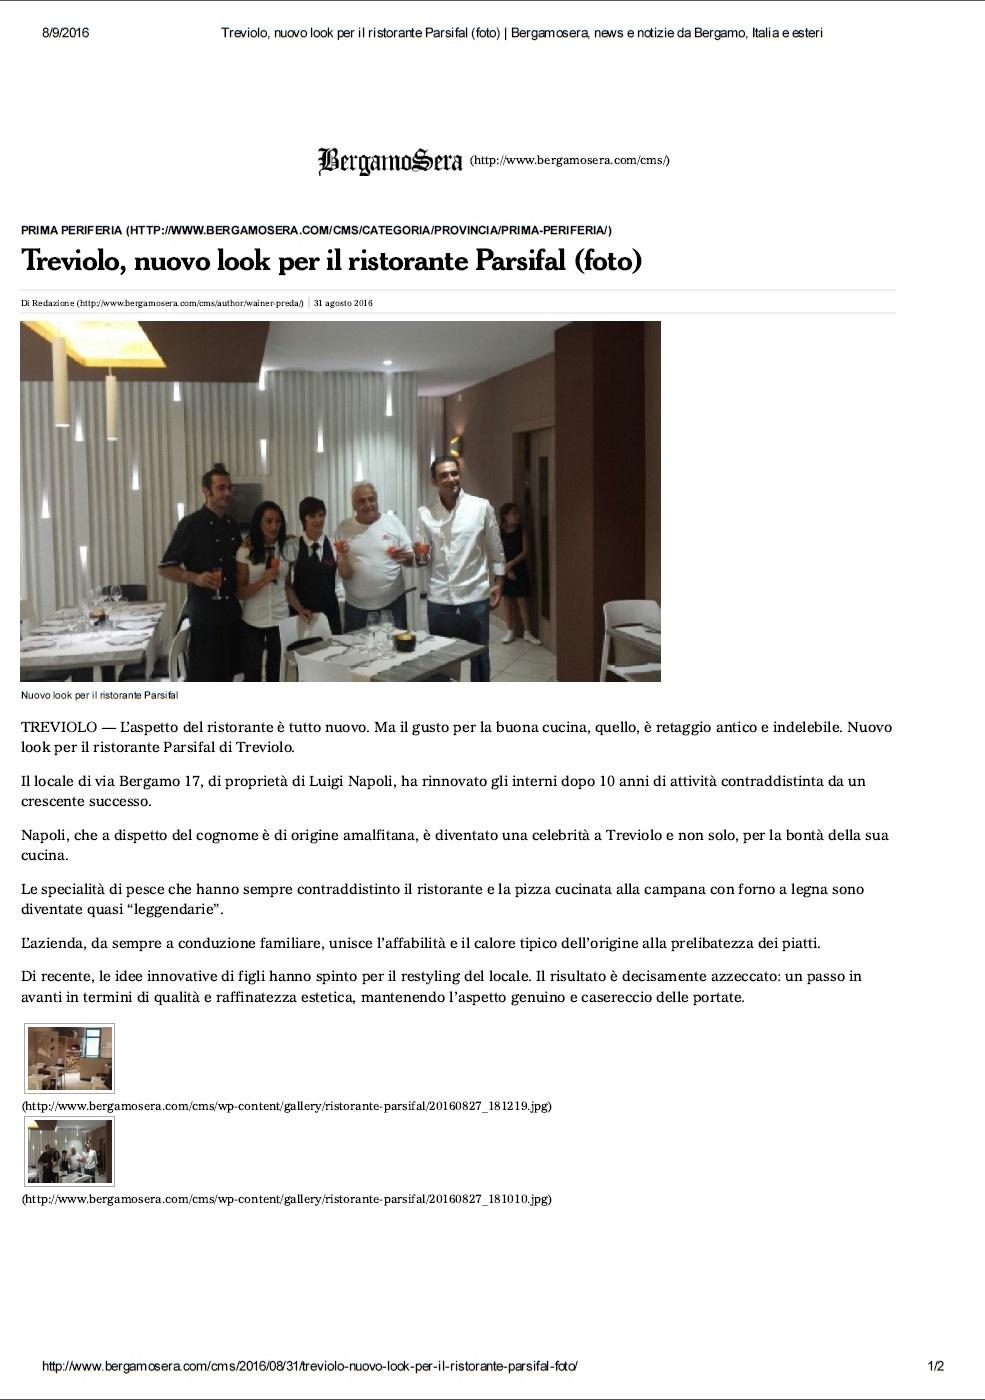 Articolo di Bergamo Sera dell'8 Agosto 2016 sul Ristorante Pizzeria Parsifal a Treviolo, Bergamo